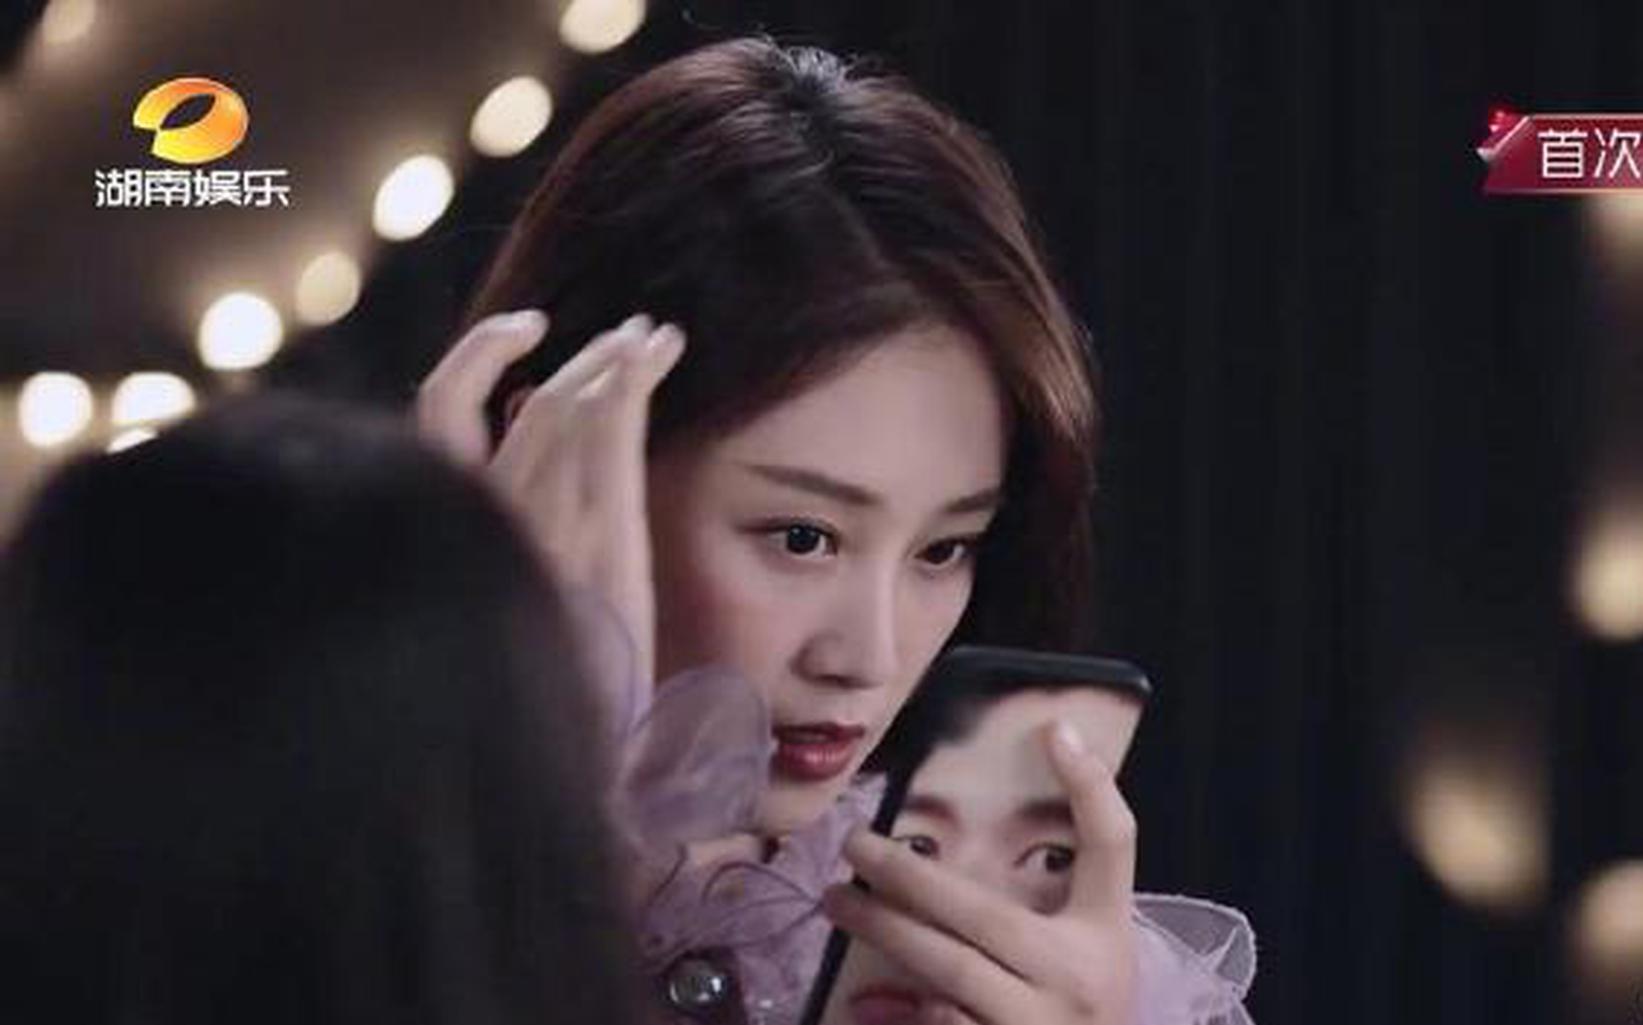 追星的姐姐!藍盈瑩用李現表情包做手機殼圖片